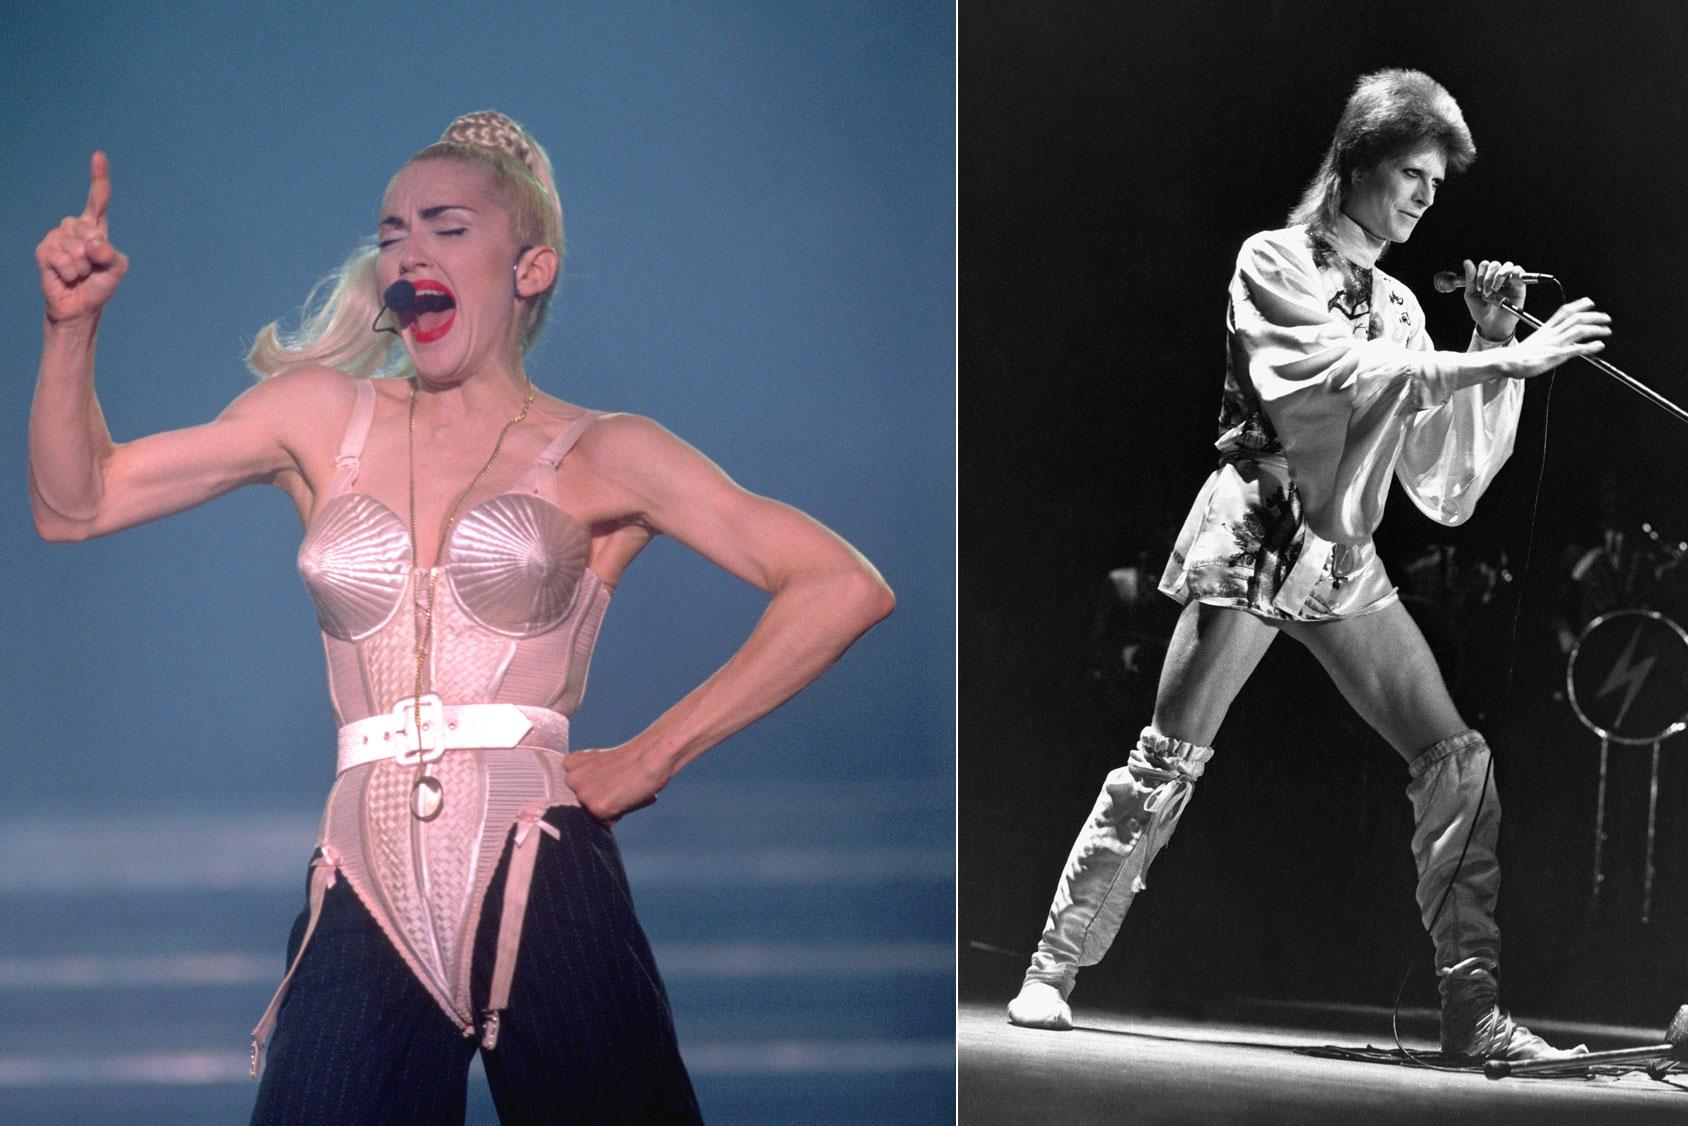 Madonna & David Bowie